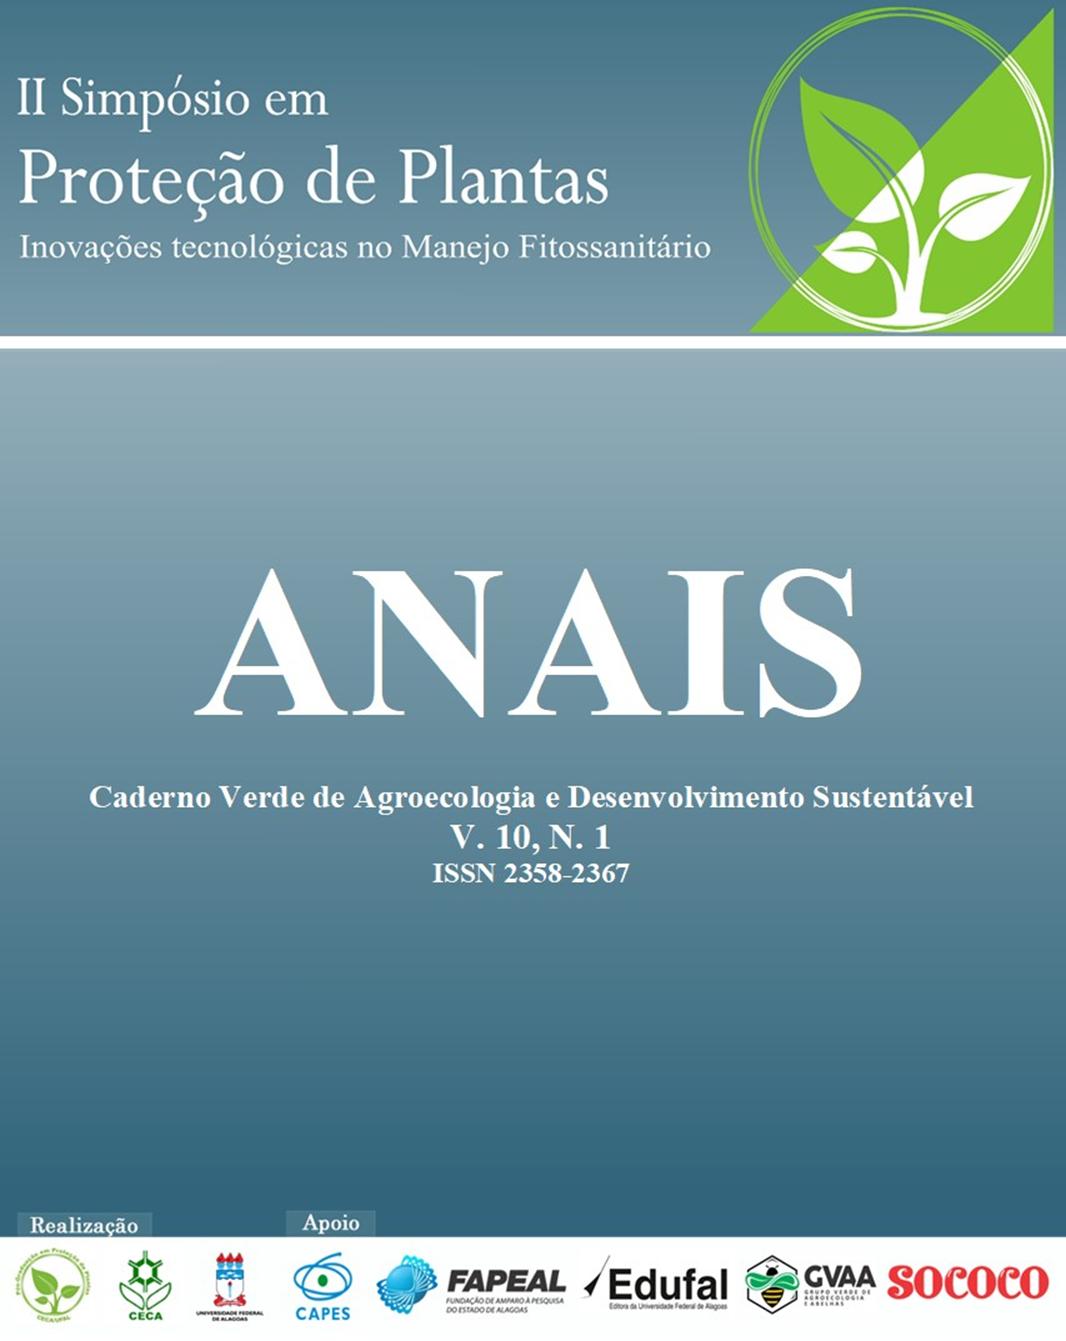 II SIMPÓSIO EM PROTEÇÃO DE PLANTAS